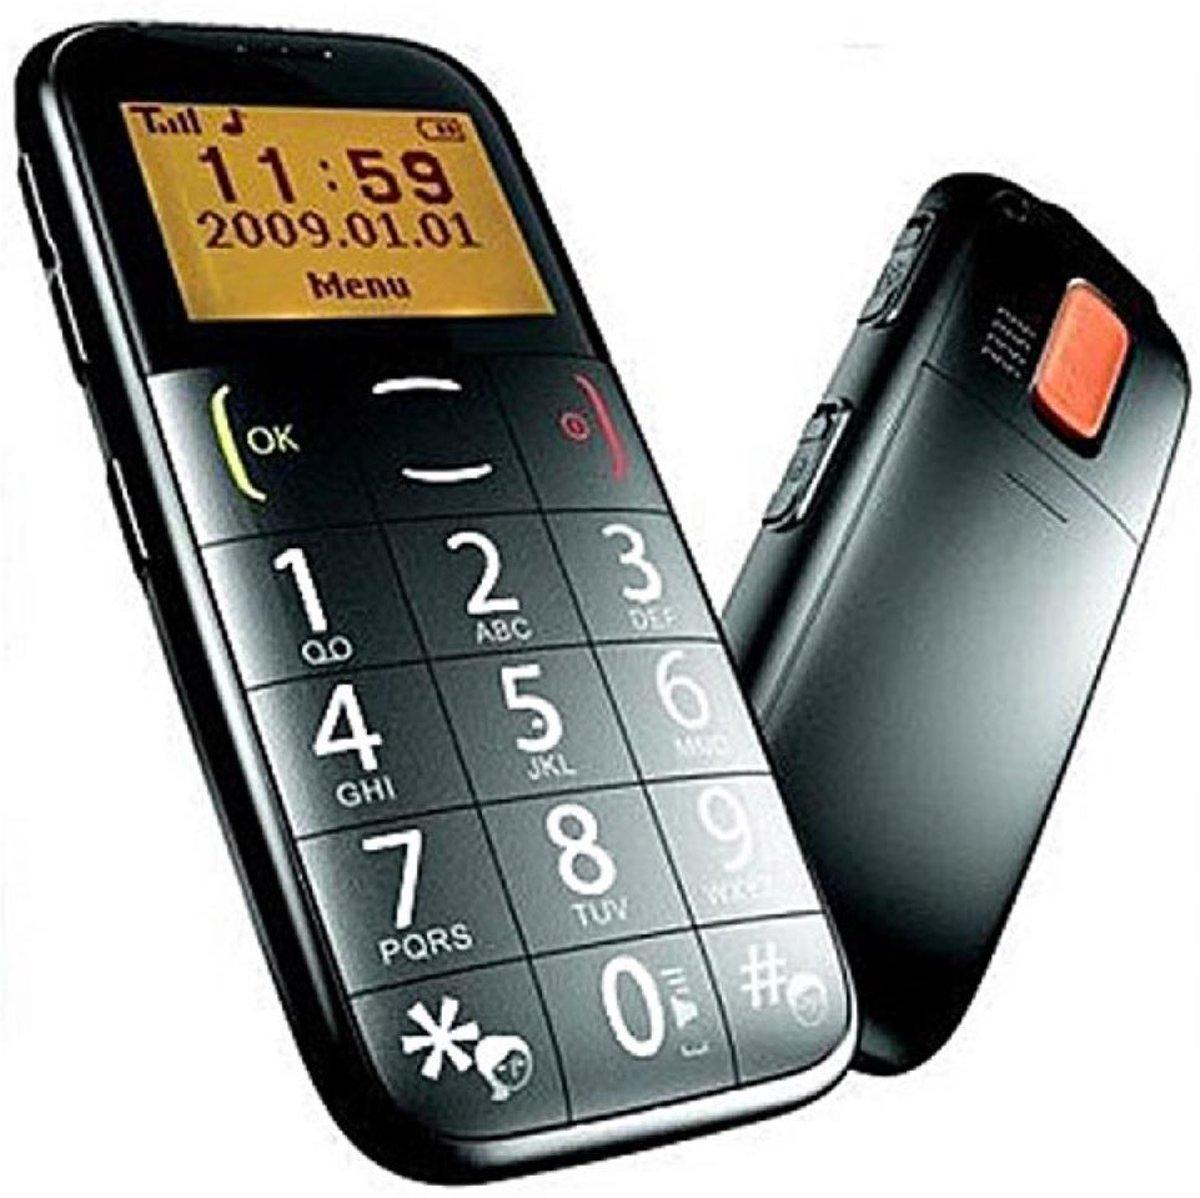 Senioren-Handy - senioren telefoon / mobiel met alarmknop kopen